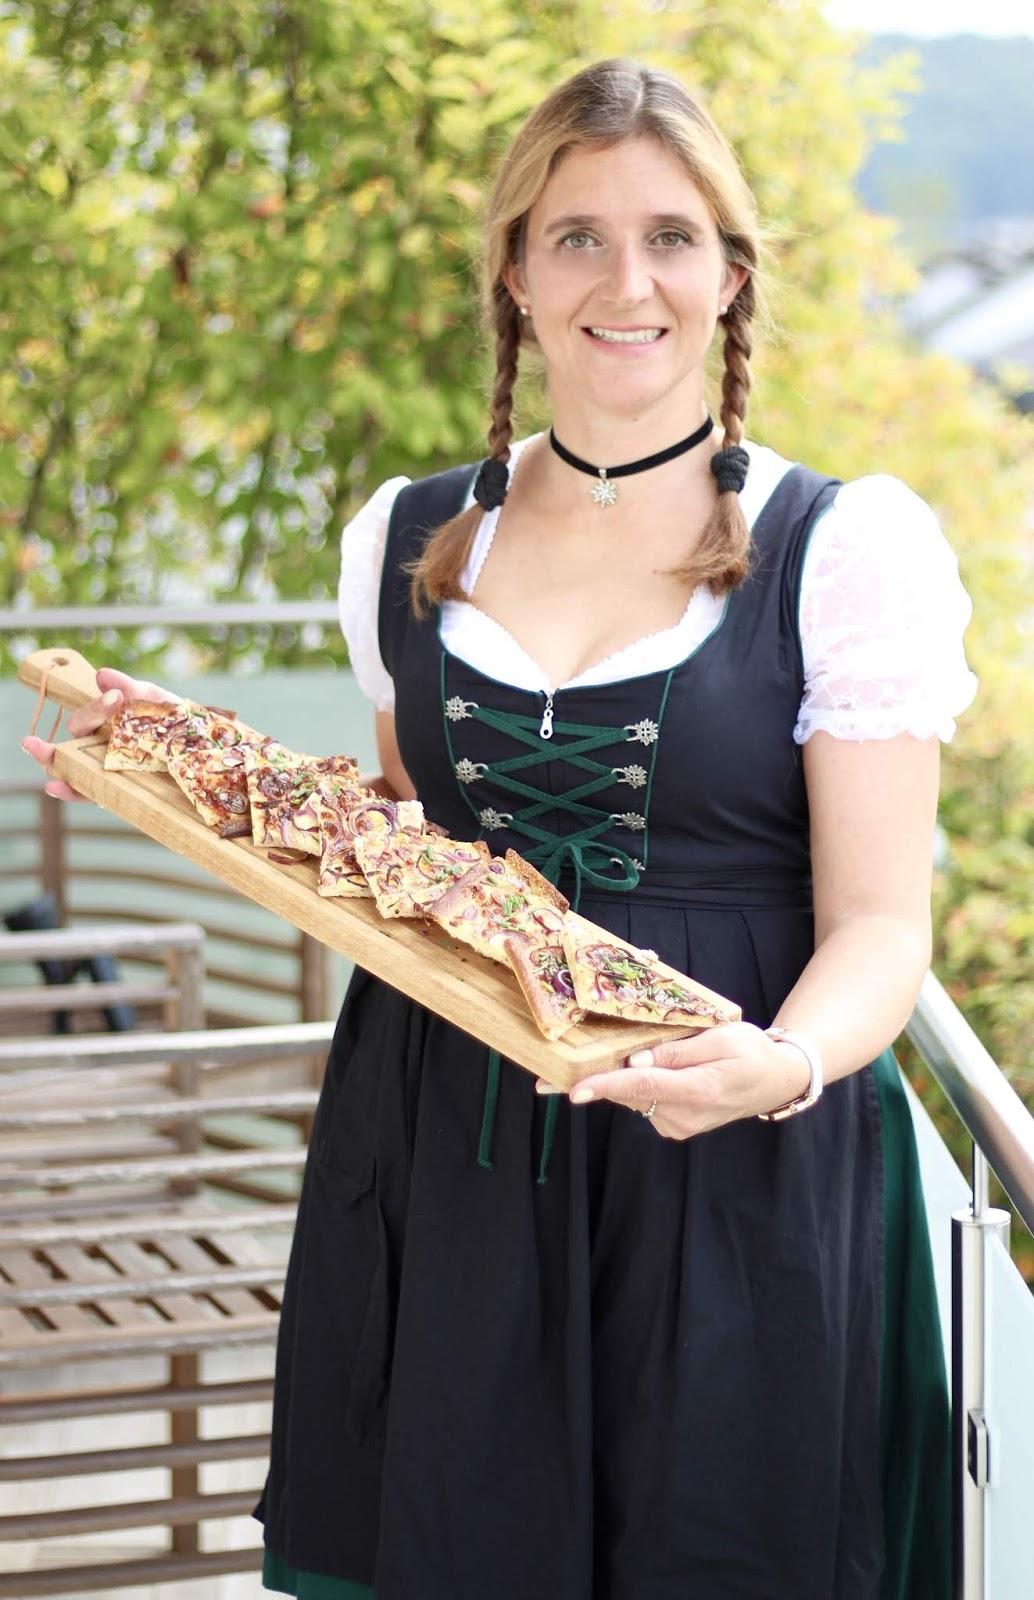 Yushka präsentiert den bayerischer Zwiebelkuchen im Dirndl